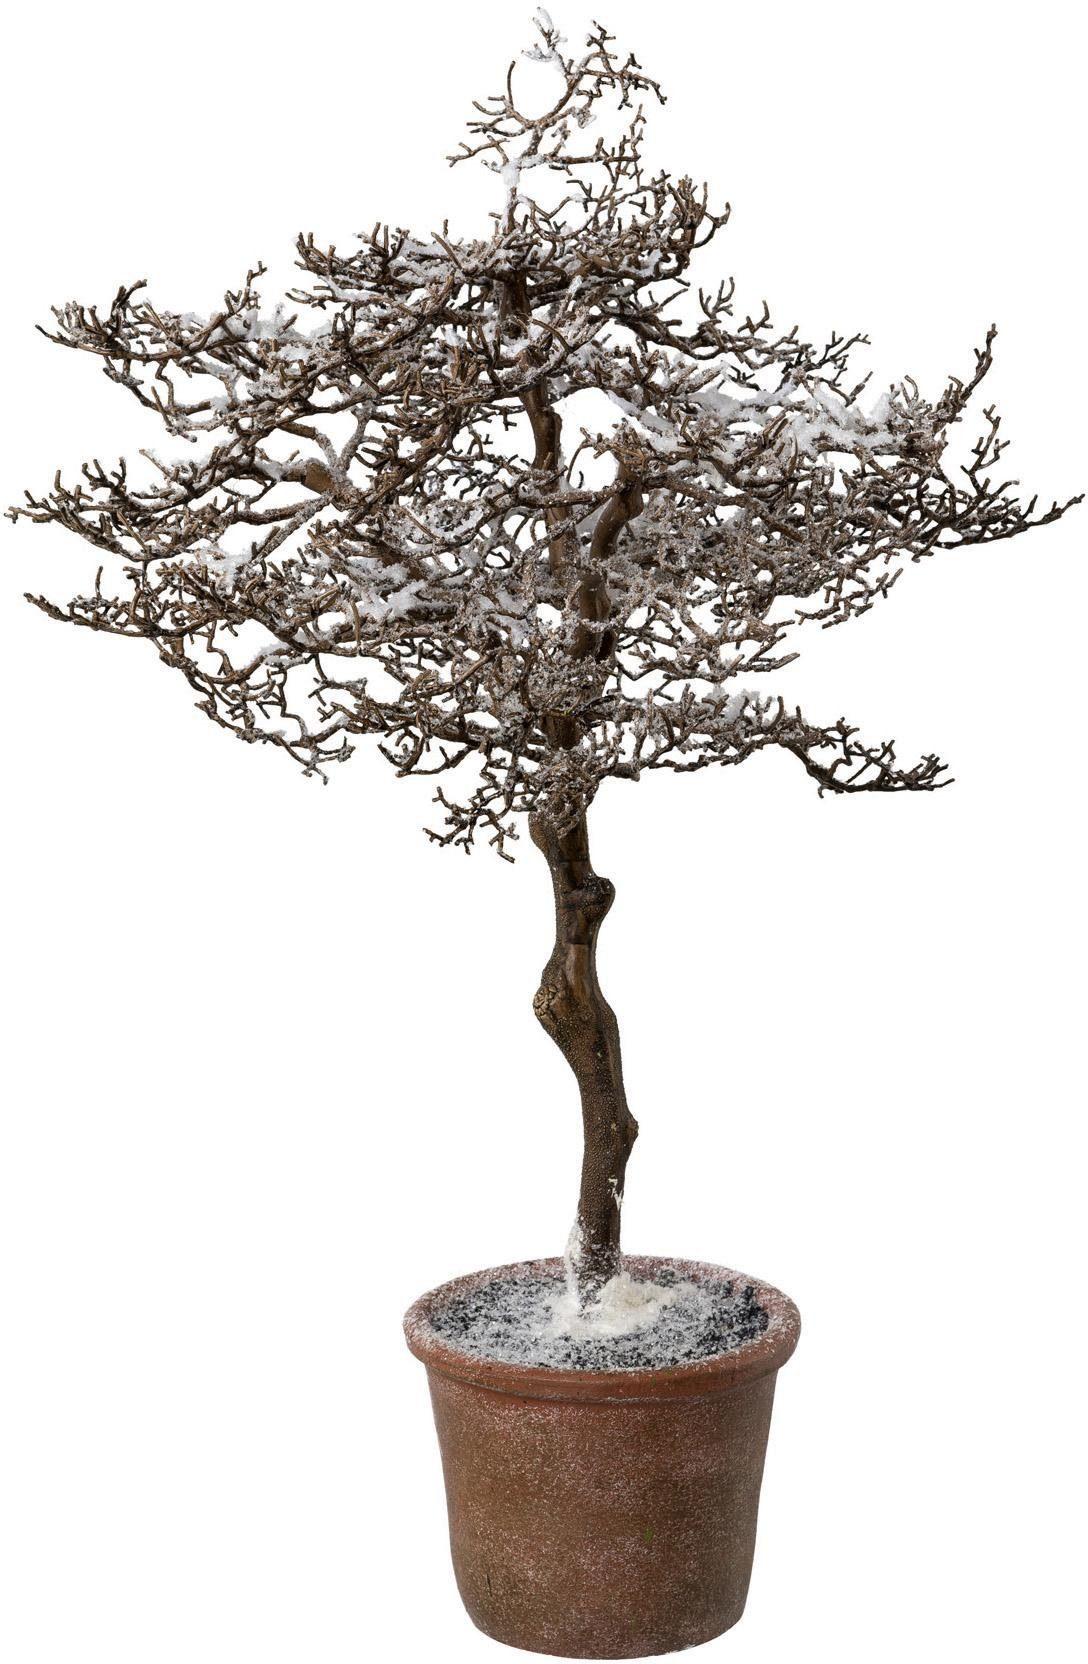 Kunstbaum Hainbuche im Topf (1 Stück) Wohnen/Möbel/Kleinmöbel/Kunstpflanzen/Kunstbäume